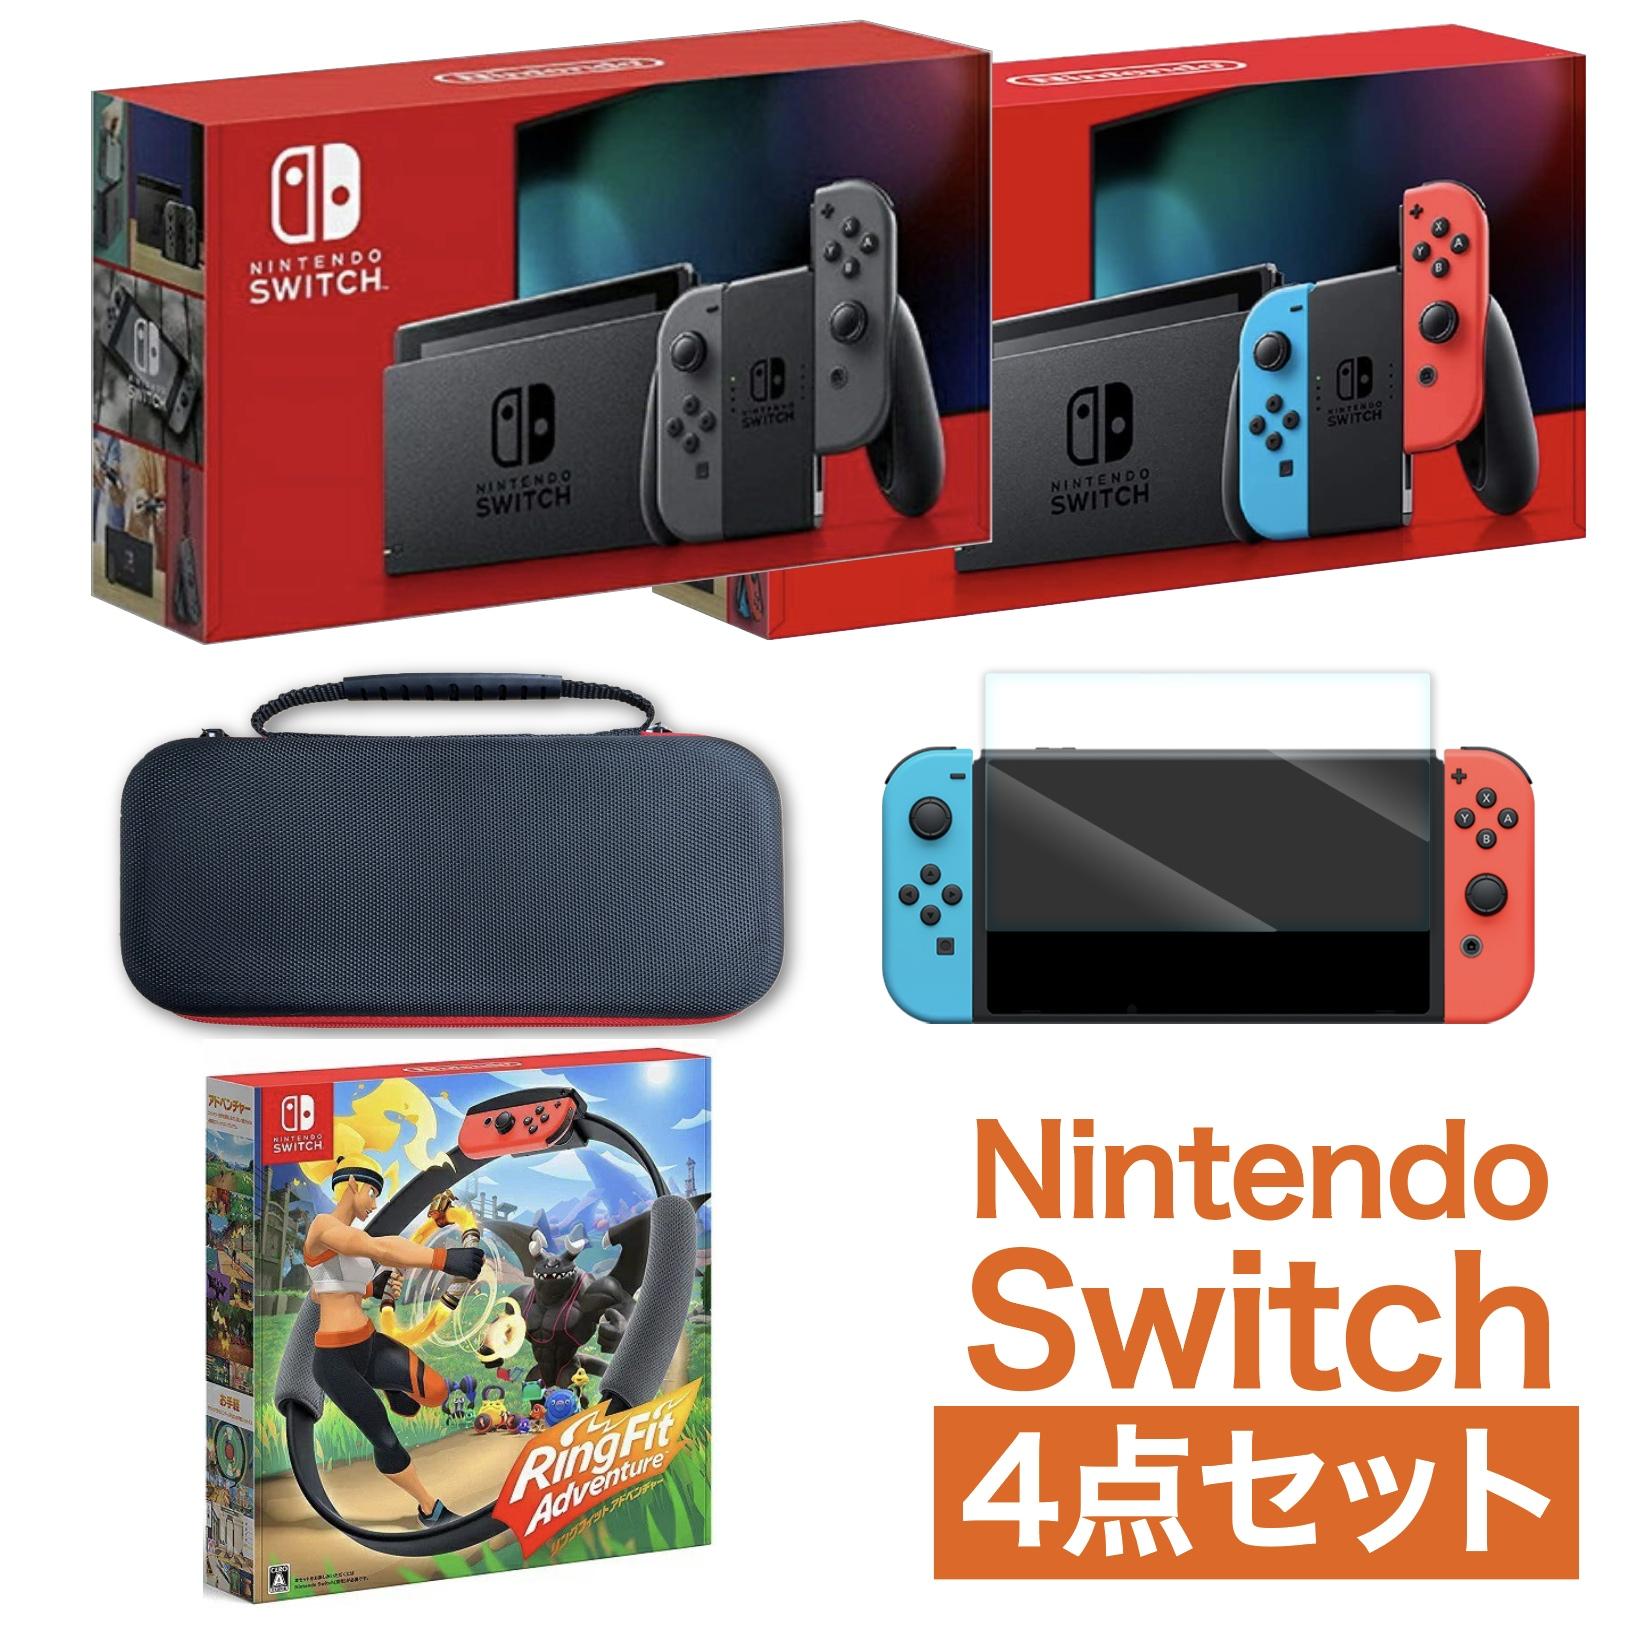 送料無料 大幅値下げランキング 福袋 4点セット スイッチ 賜物 ネオンorグレー セット Nintendo 任天堂 お好きなソフト ガラスフィルム 保護ケース Switch